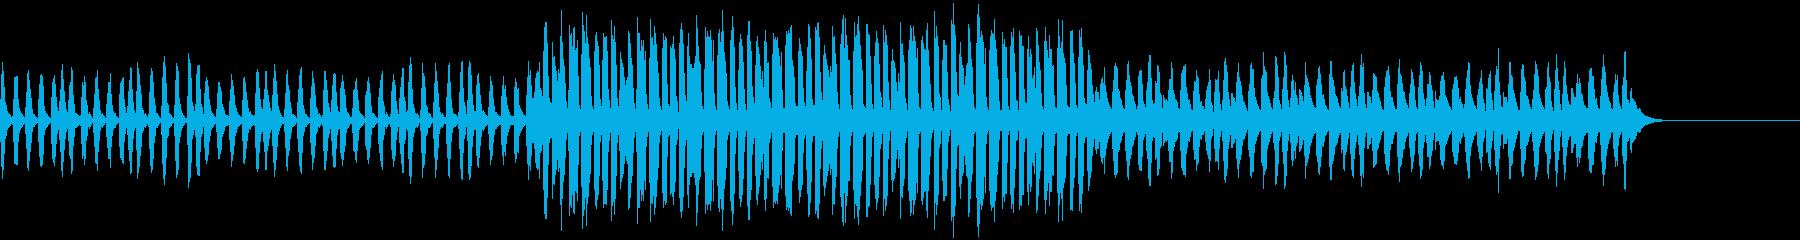 推理ドラマで手掛かりを掴んだ時のような曲の再生済みの波形